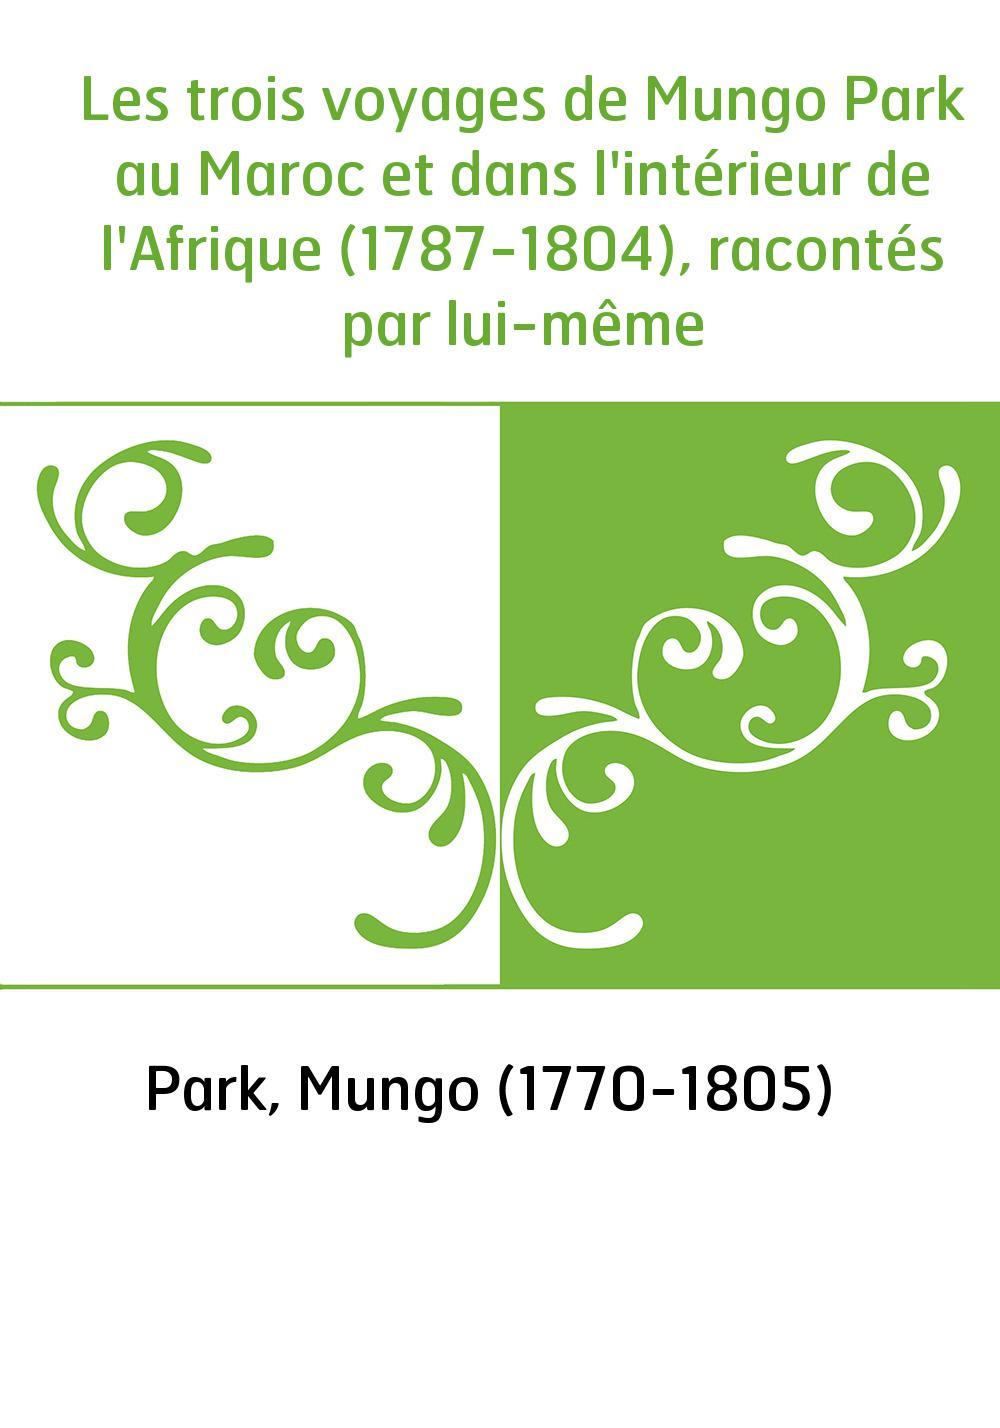 Les trois voyages de Mungo Park au Maroc et dans l'intérieur de l'Afrique (1787-1804), racontés par lui-même